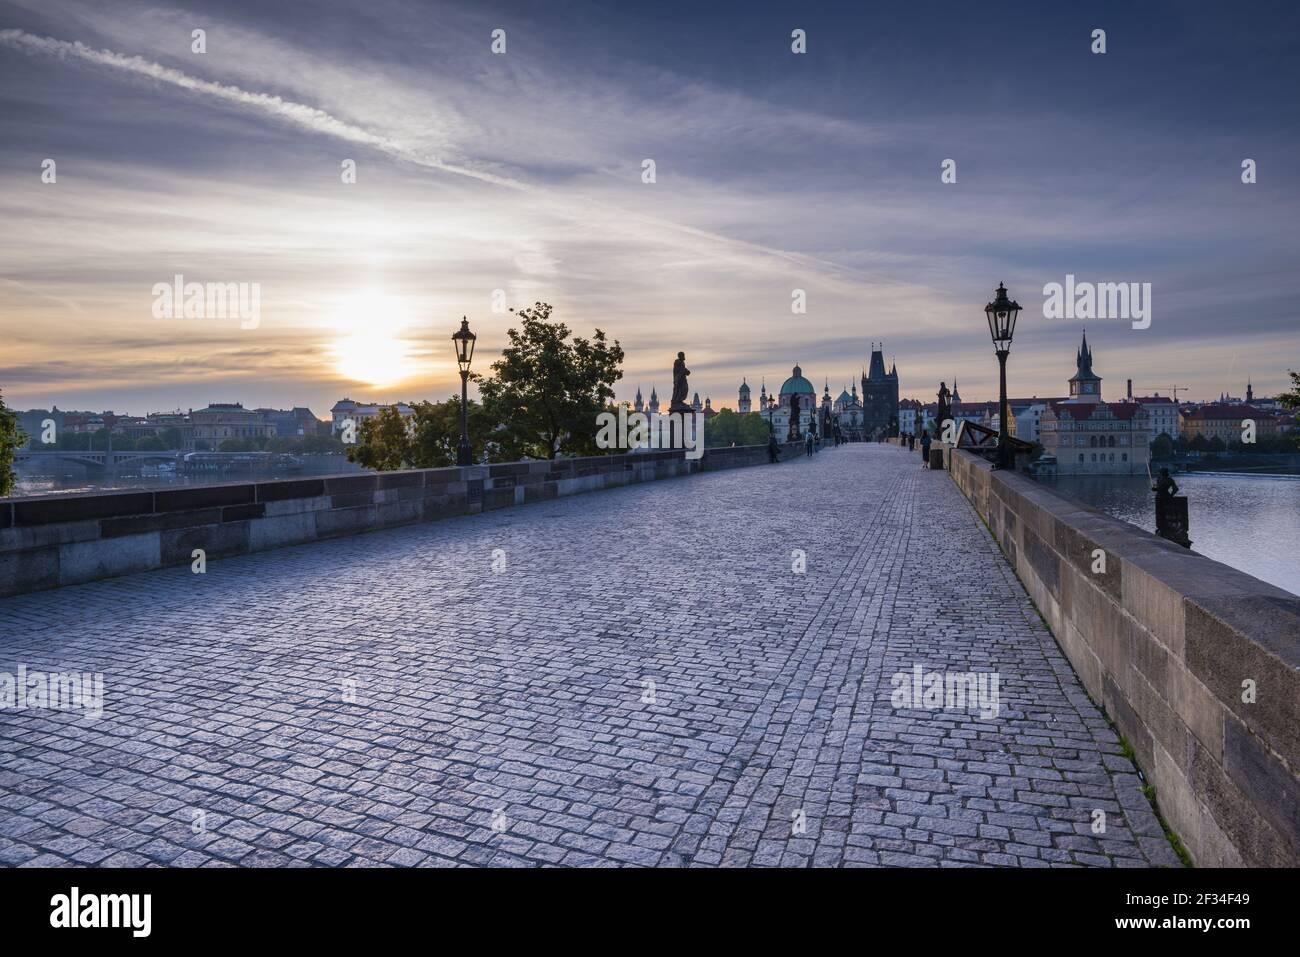 Géographie / Voyage, Tchéquie, Pont Charles avec la Tour du Pont de la Vieille ville, site du patrimoine mondial de l'UNESCO, Prague, Tchéquie, liberté de panorama Banque D'Images